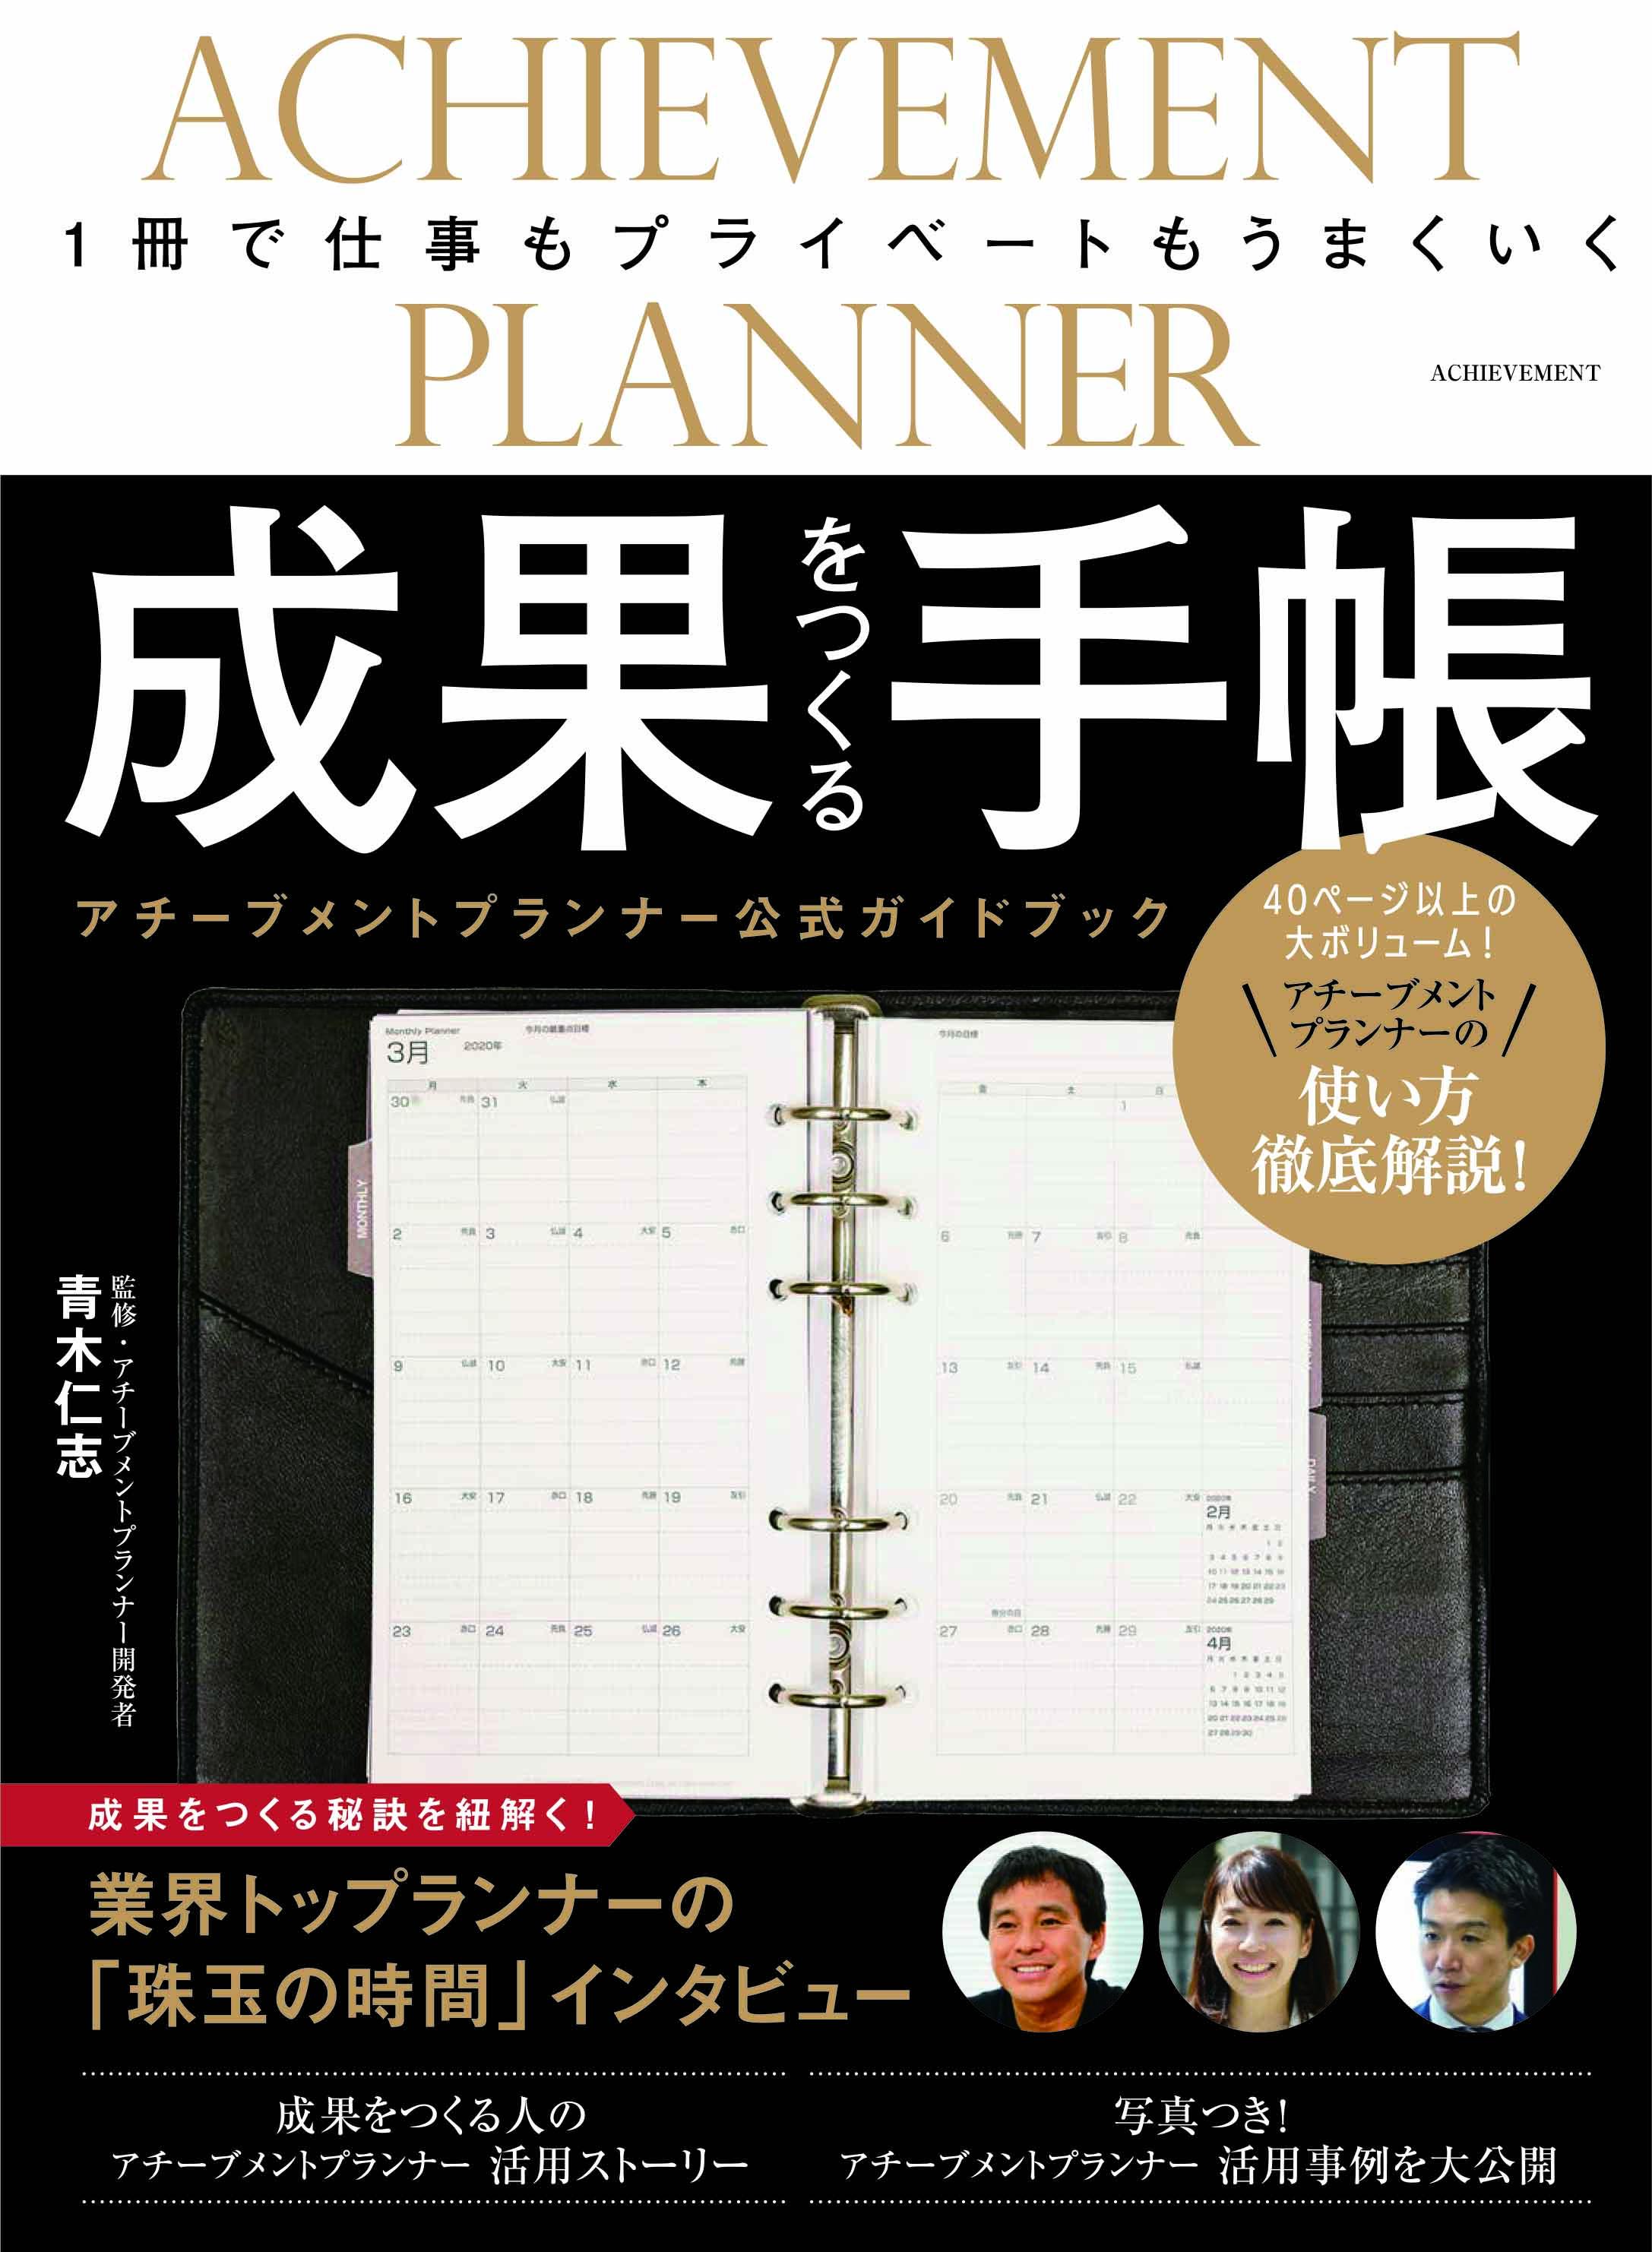 成果をつくる手帳 アチーブメントプランナー公式ガイドブックの画像1